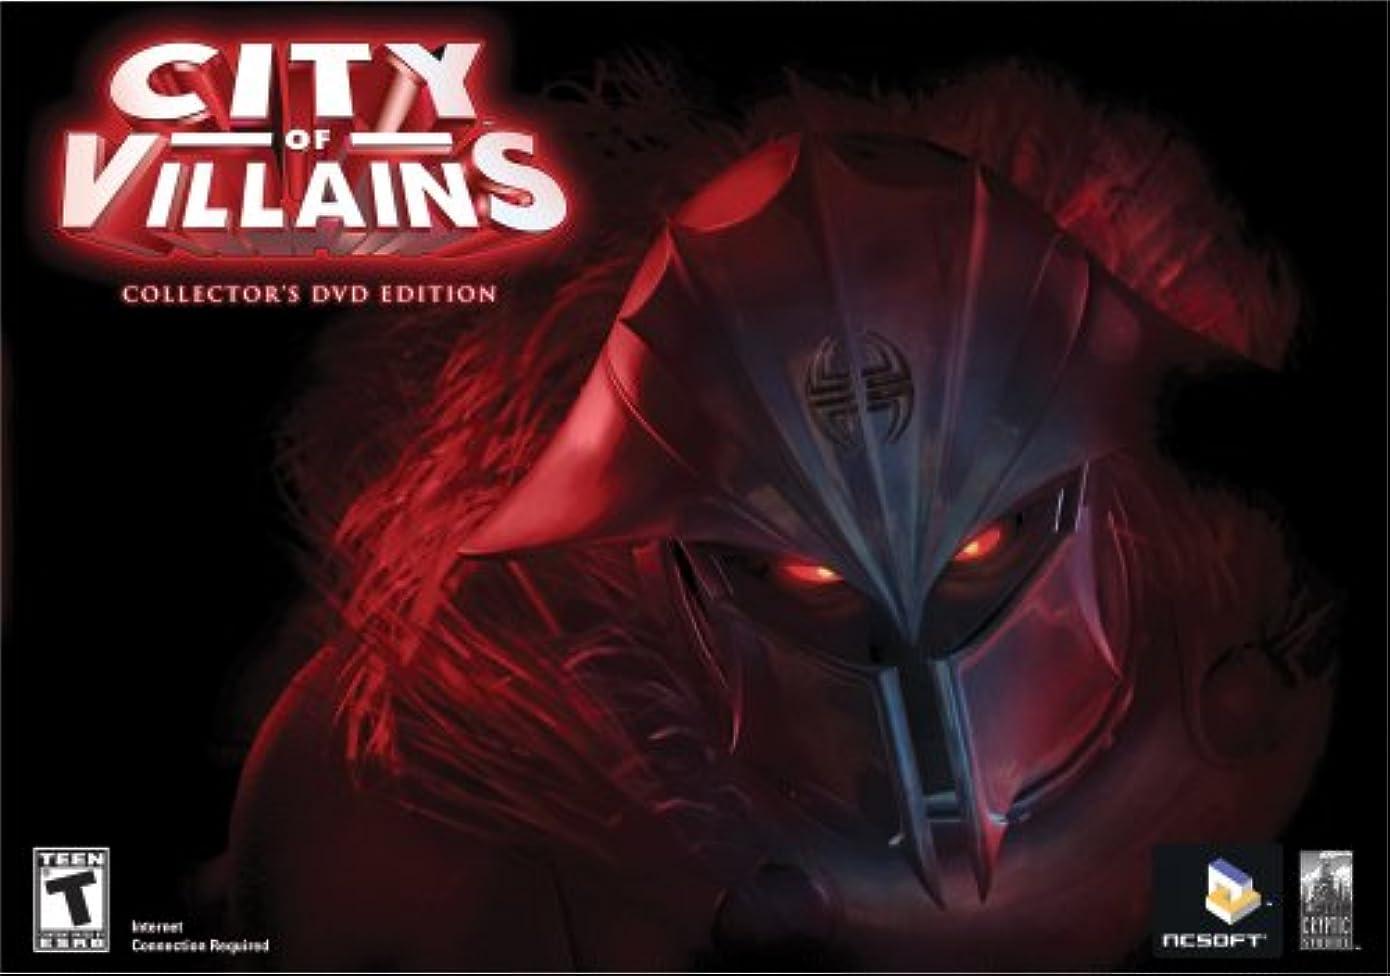 週末手書き胚City of Villains Collector's Edition (輸入版)